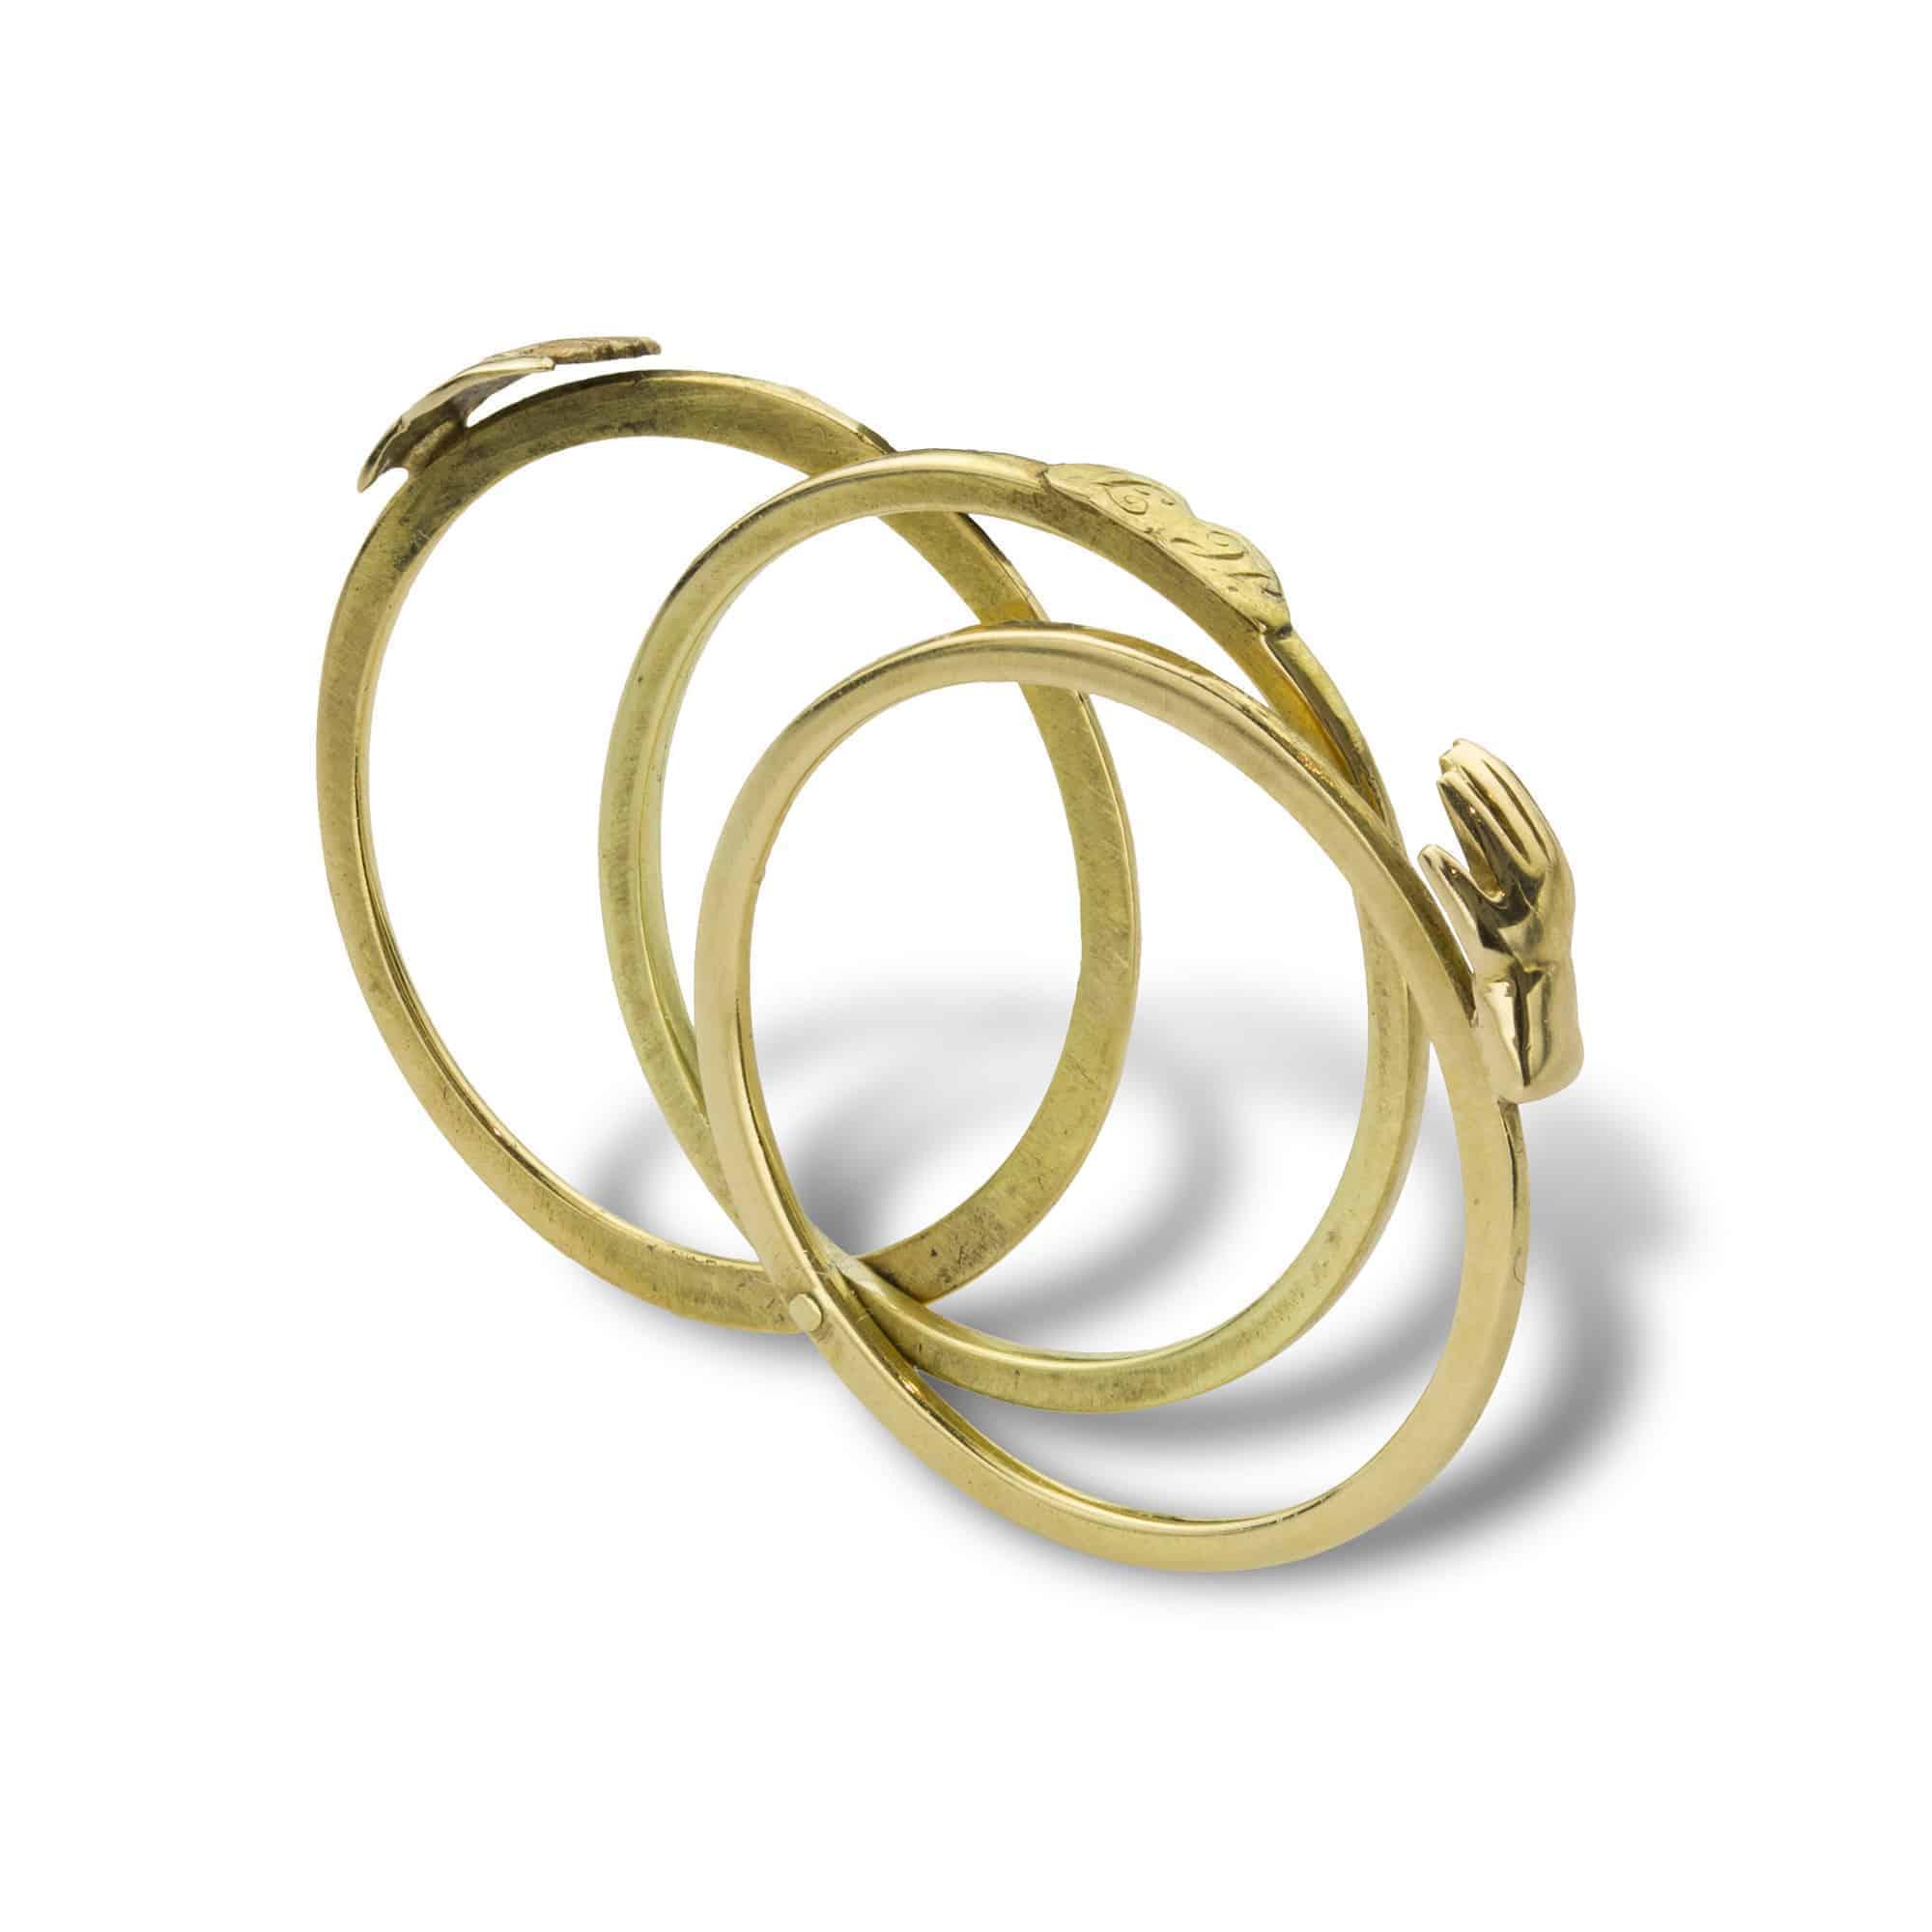 gimmel ring-2